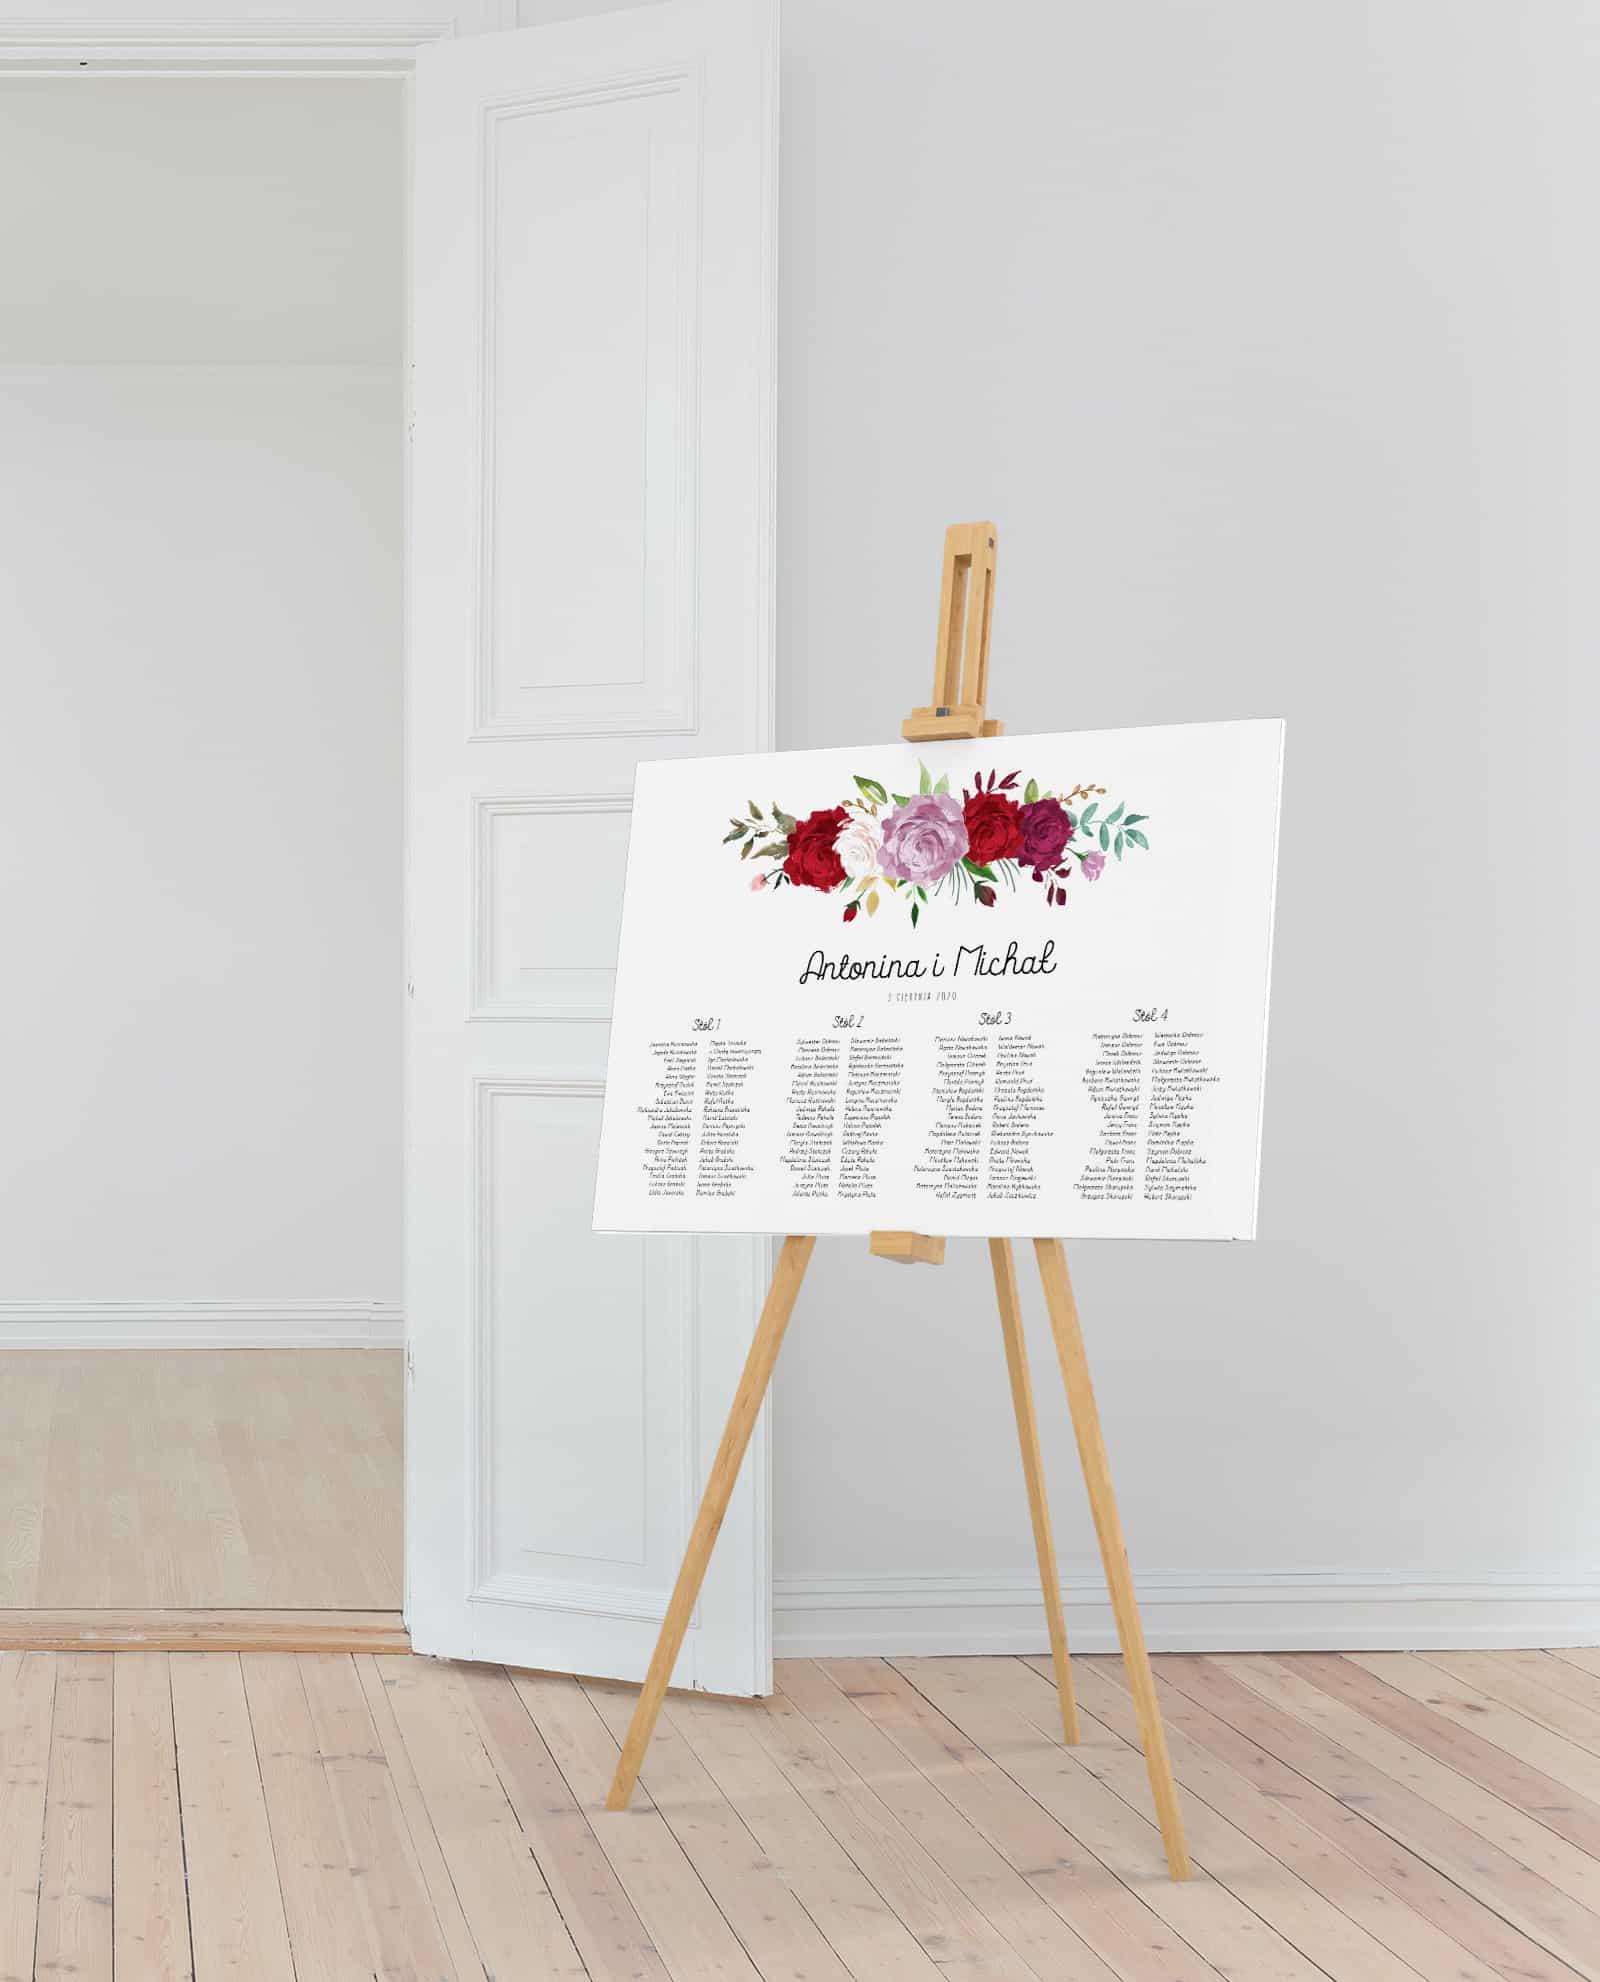 Piękny plan usadzenia gości w układzie poziomym na 4 stoły z kwiatami róż